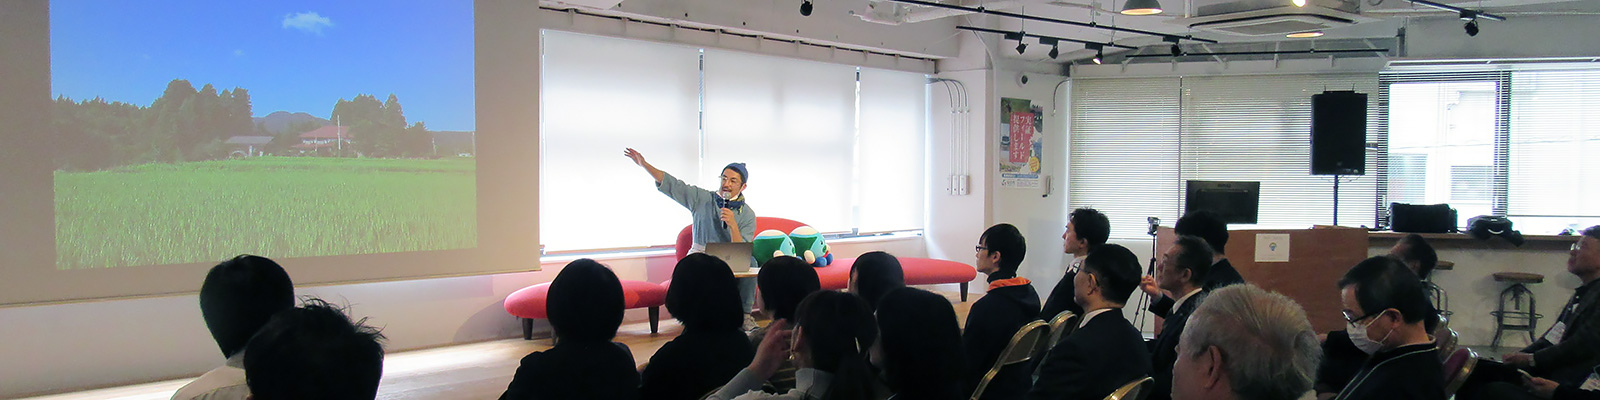 あきた寺子屋 里山カフェ「ににぎ」 猿田真氏